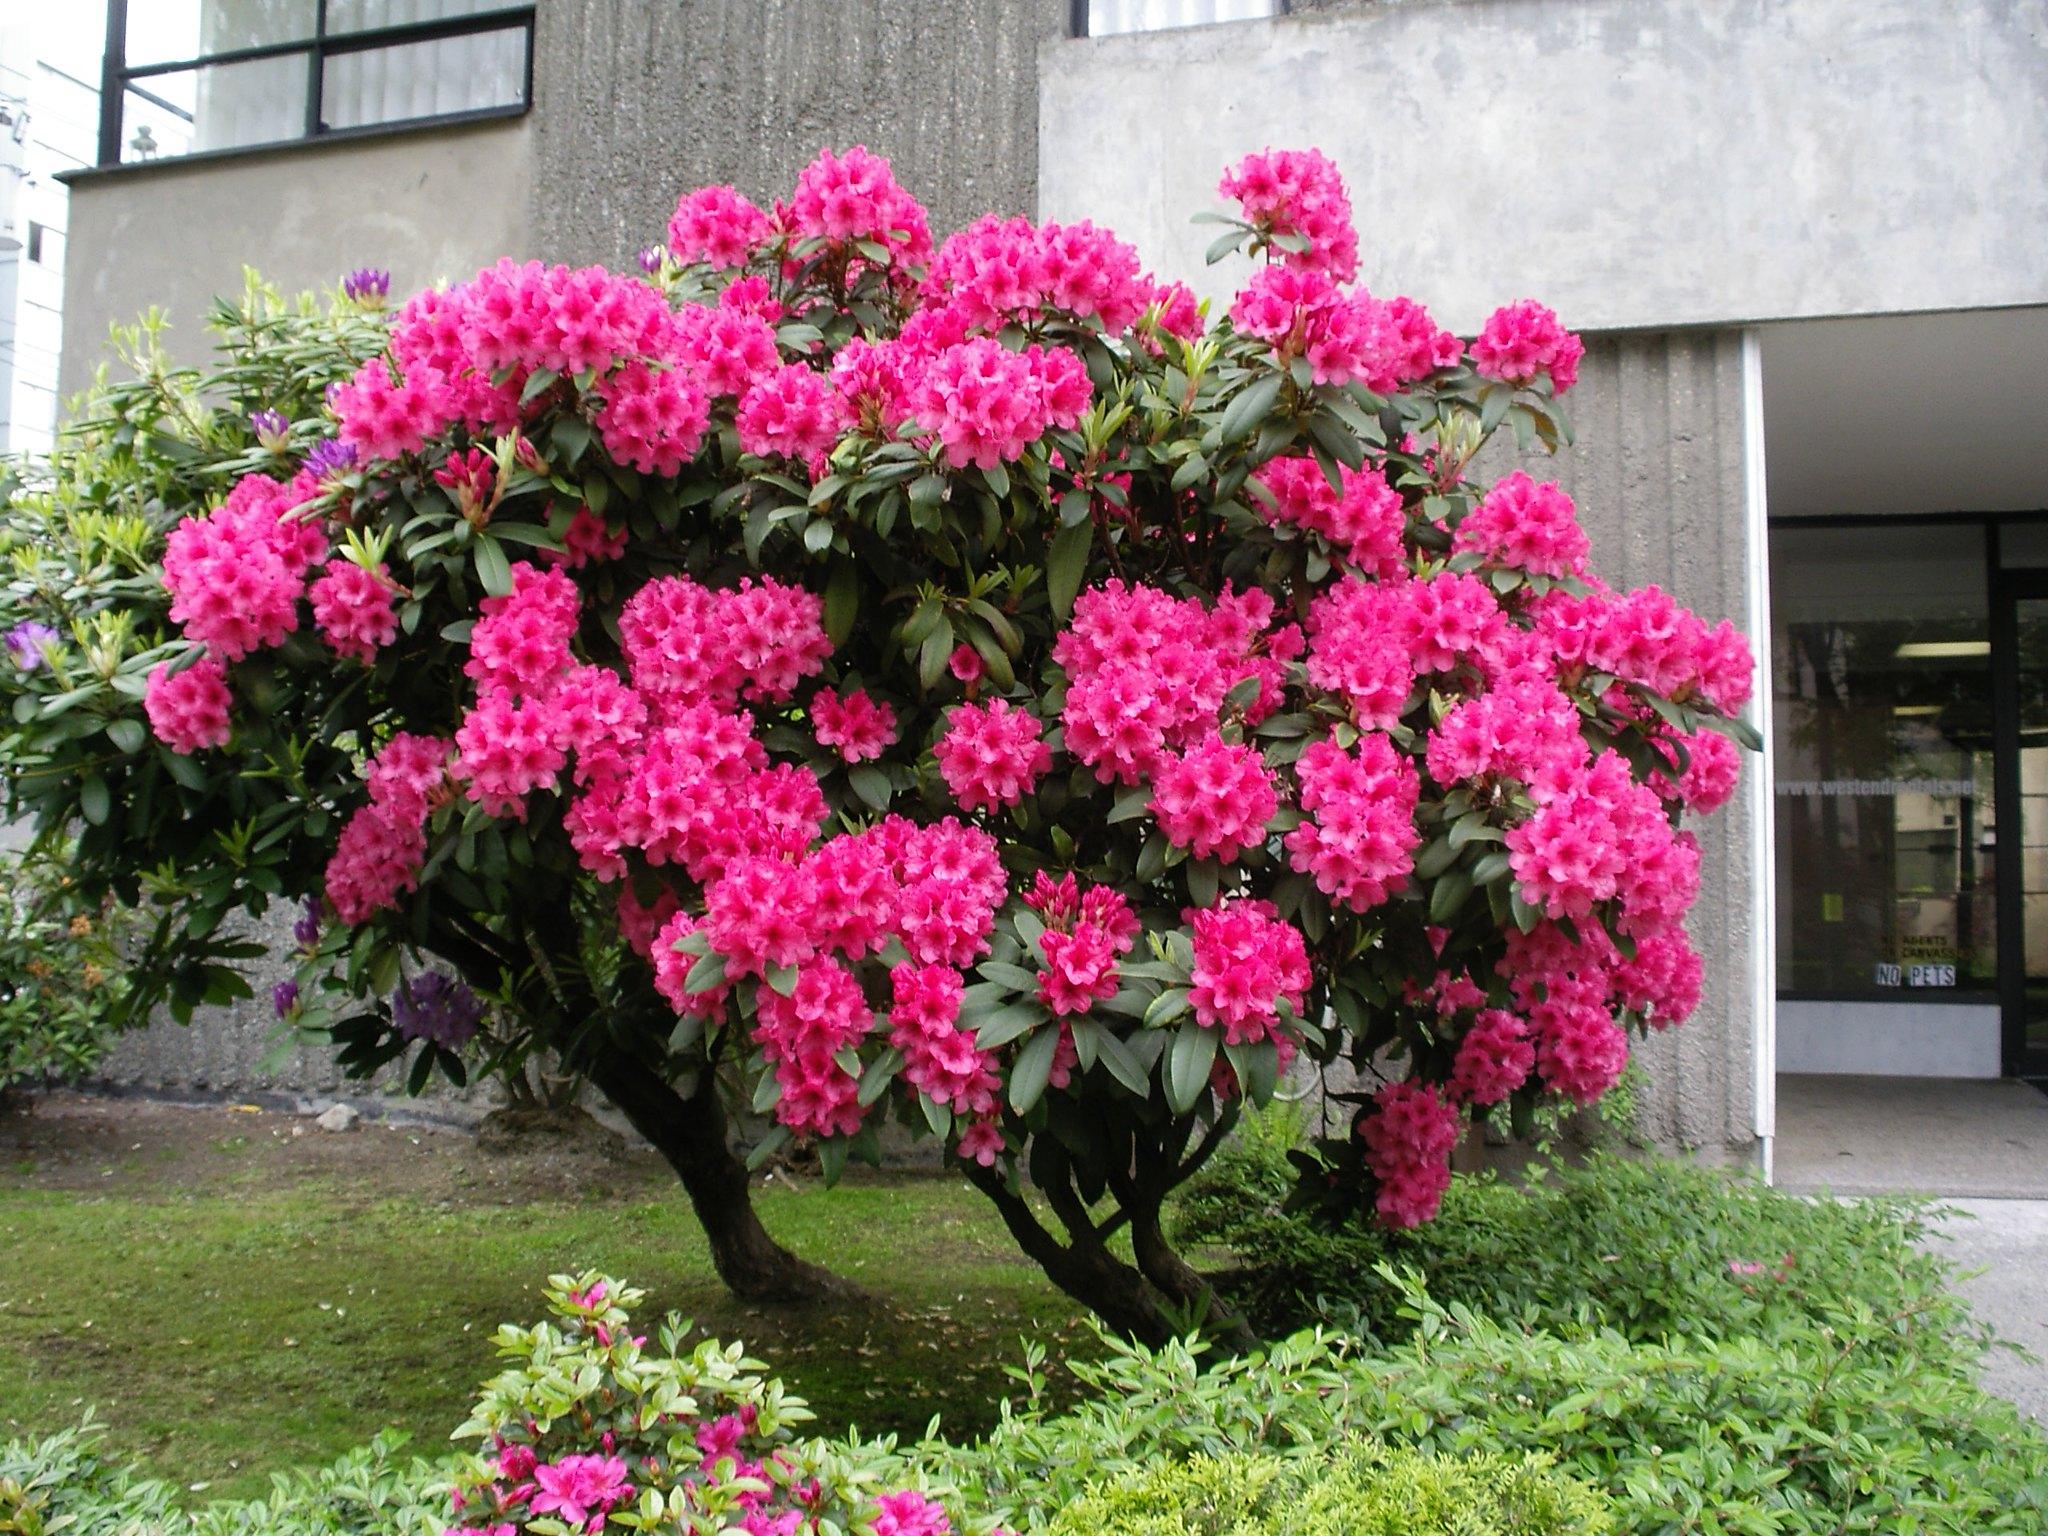 El Rhododendron es un arbusto de flores preciosas